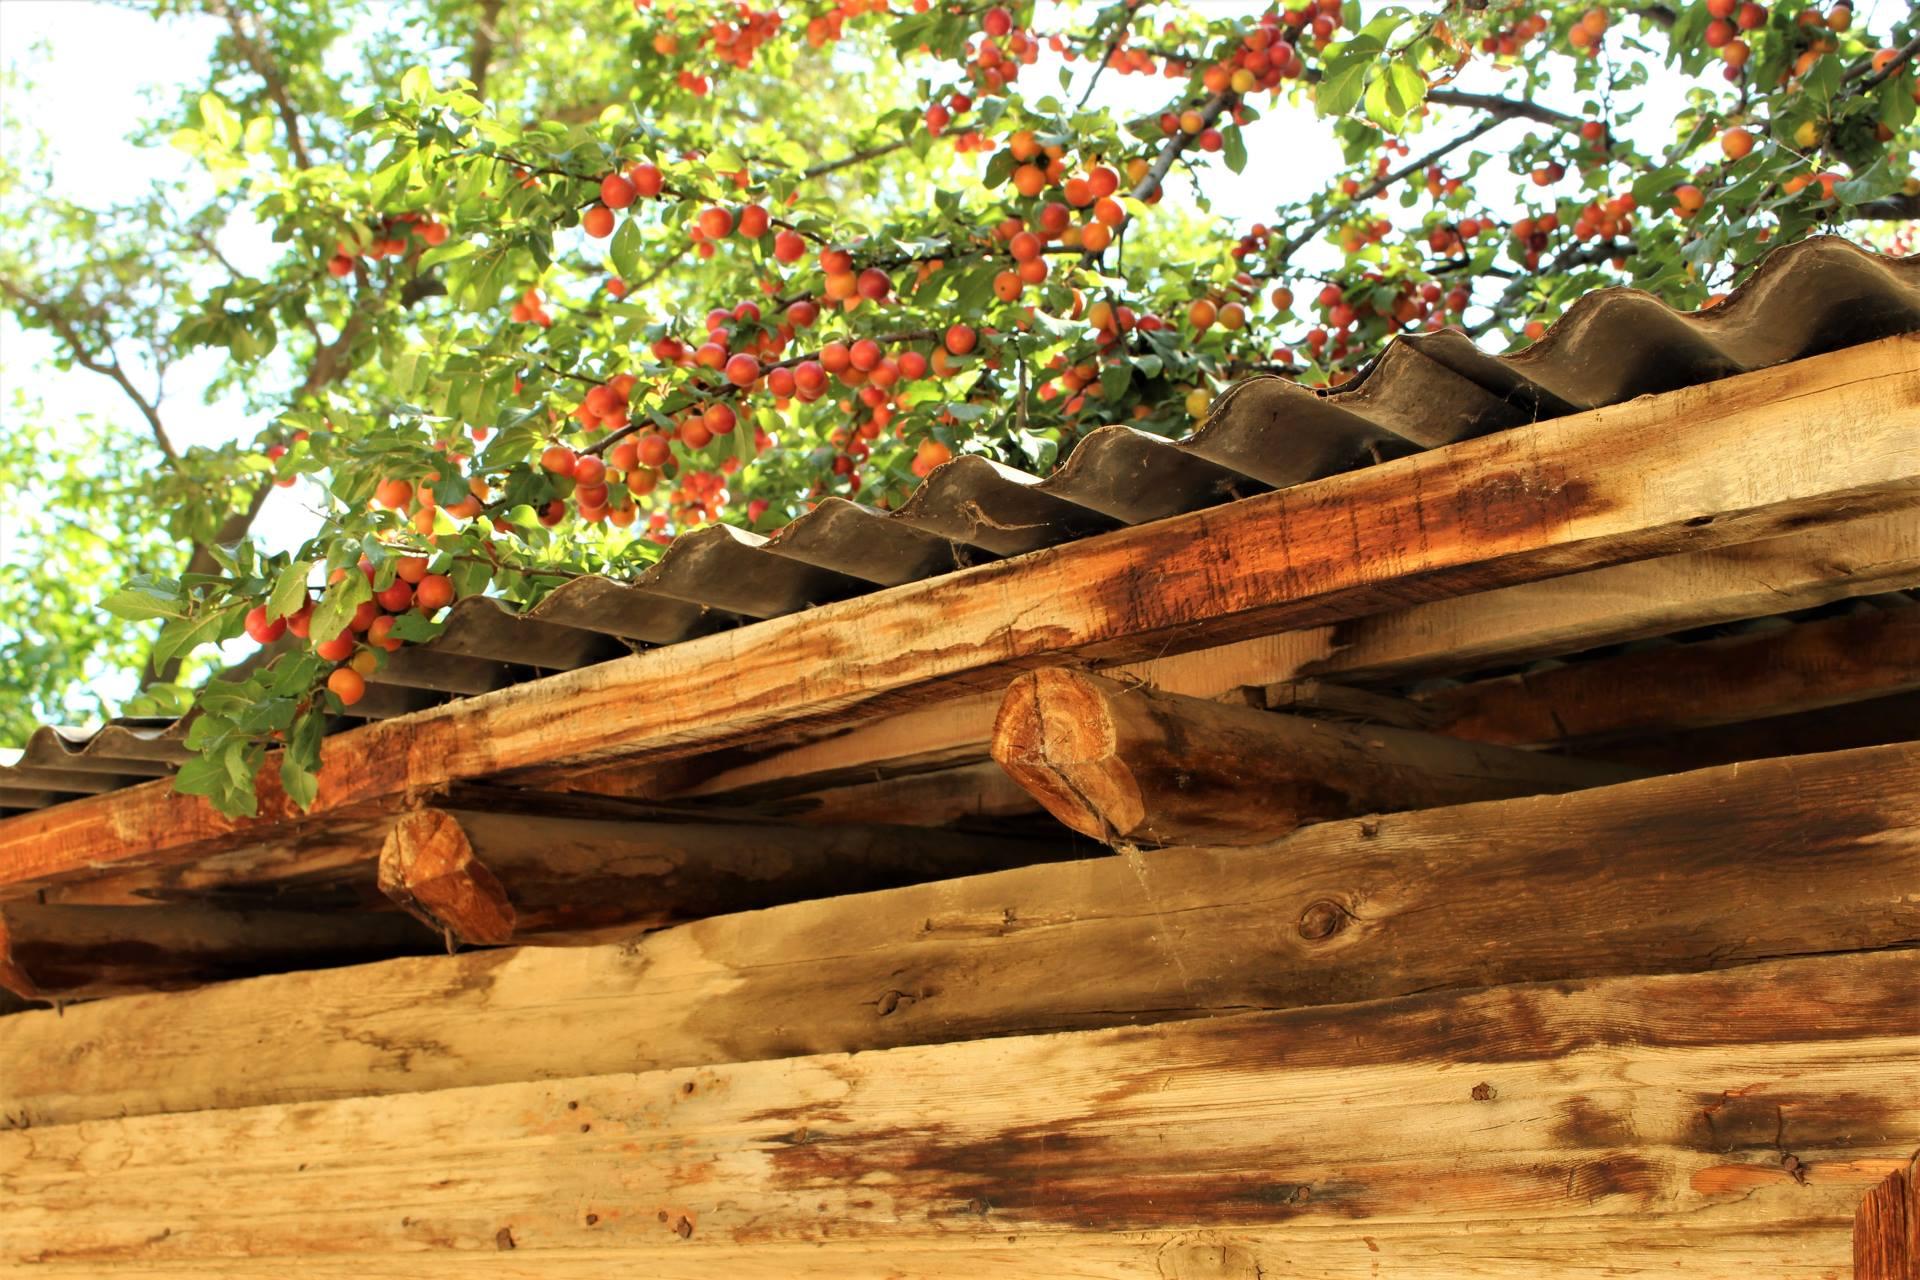 Kırmızı-erik-ağacı